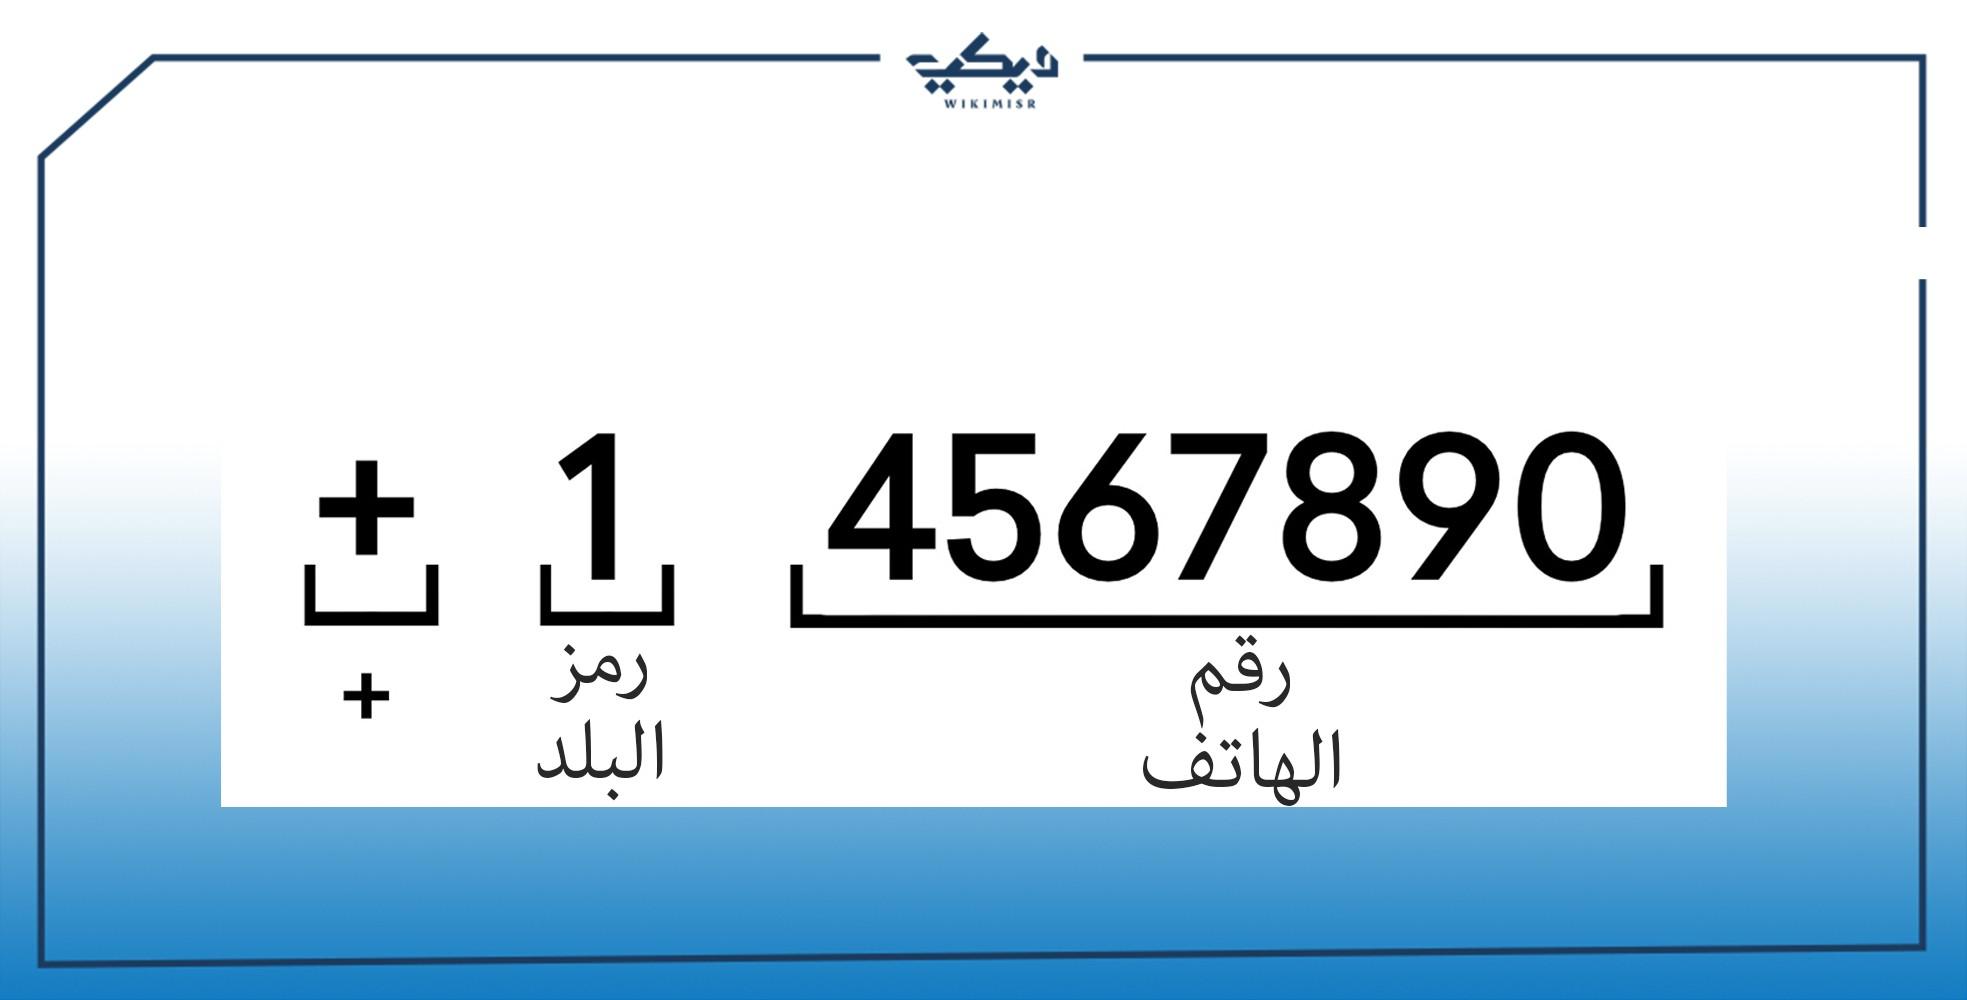 كيفية إضافة رقم دولي من الخارج إلى جهات الاتصال